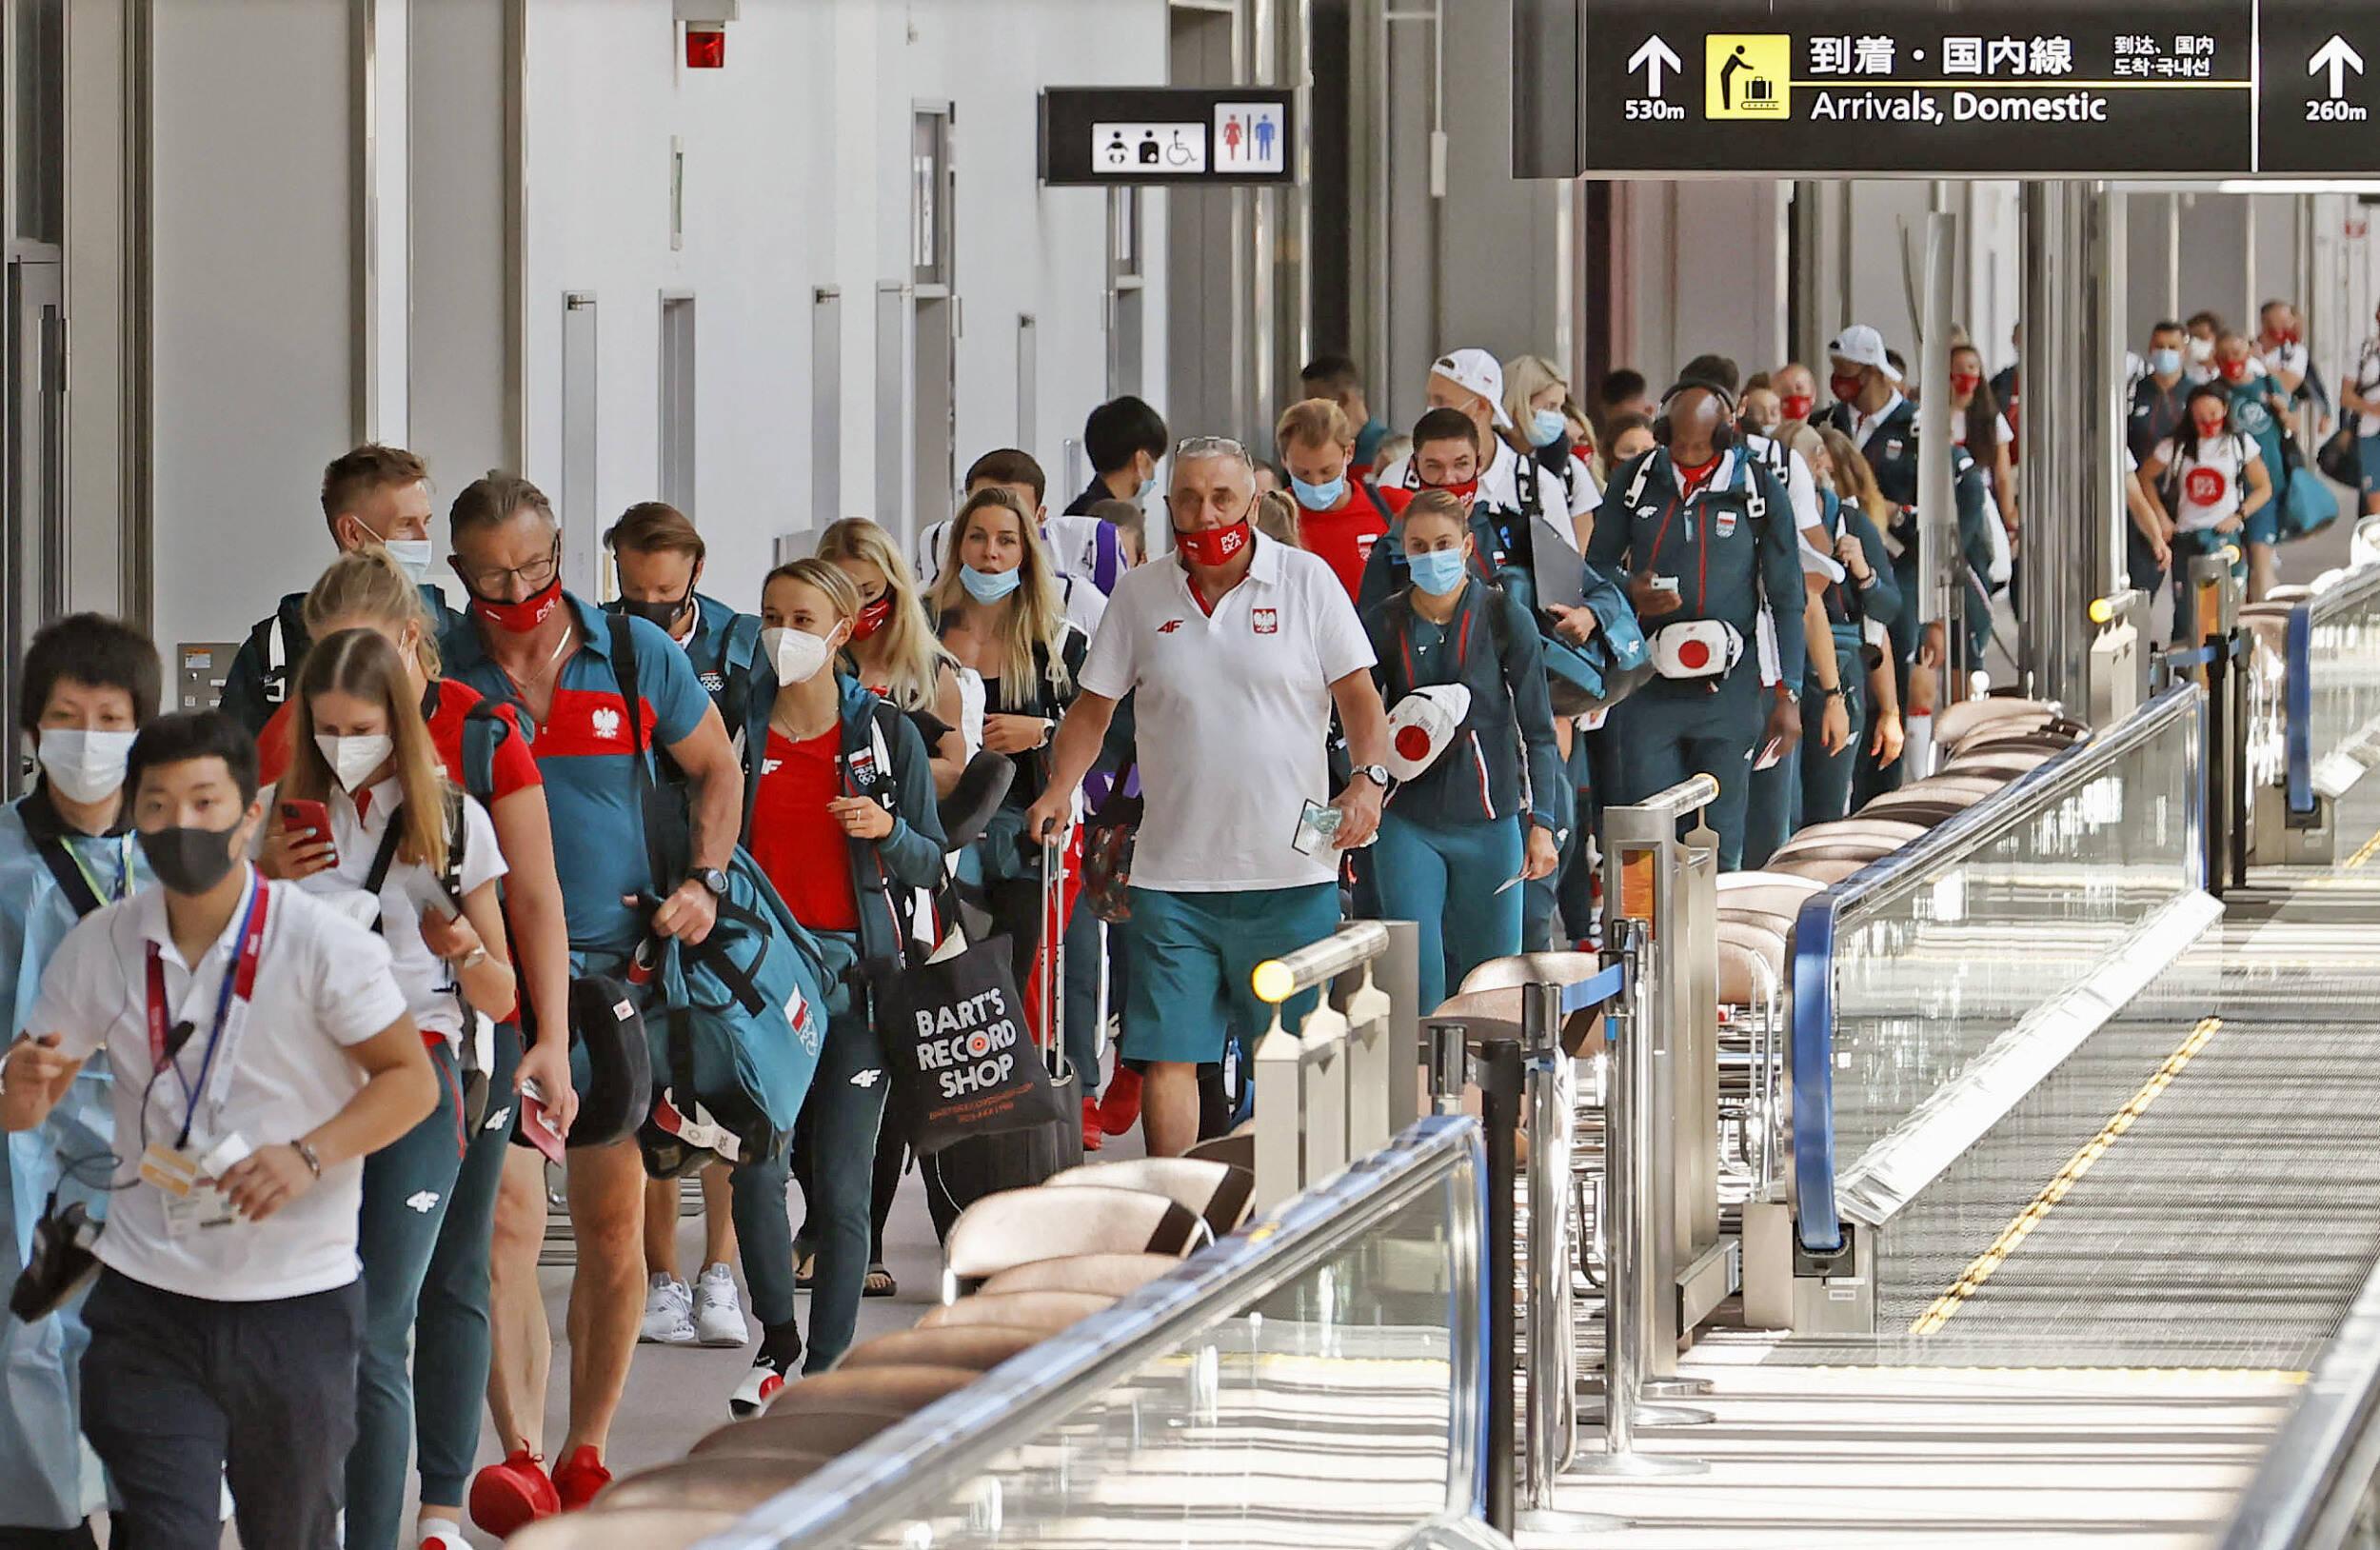 波兰泳协不知队员未获奥运资格 6名游泳运动员刚抵东京就被迫回国